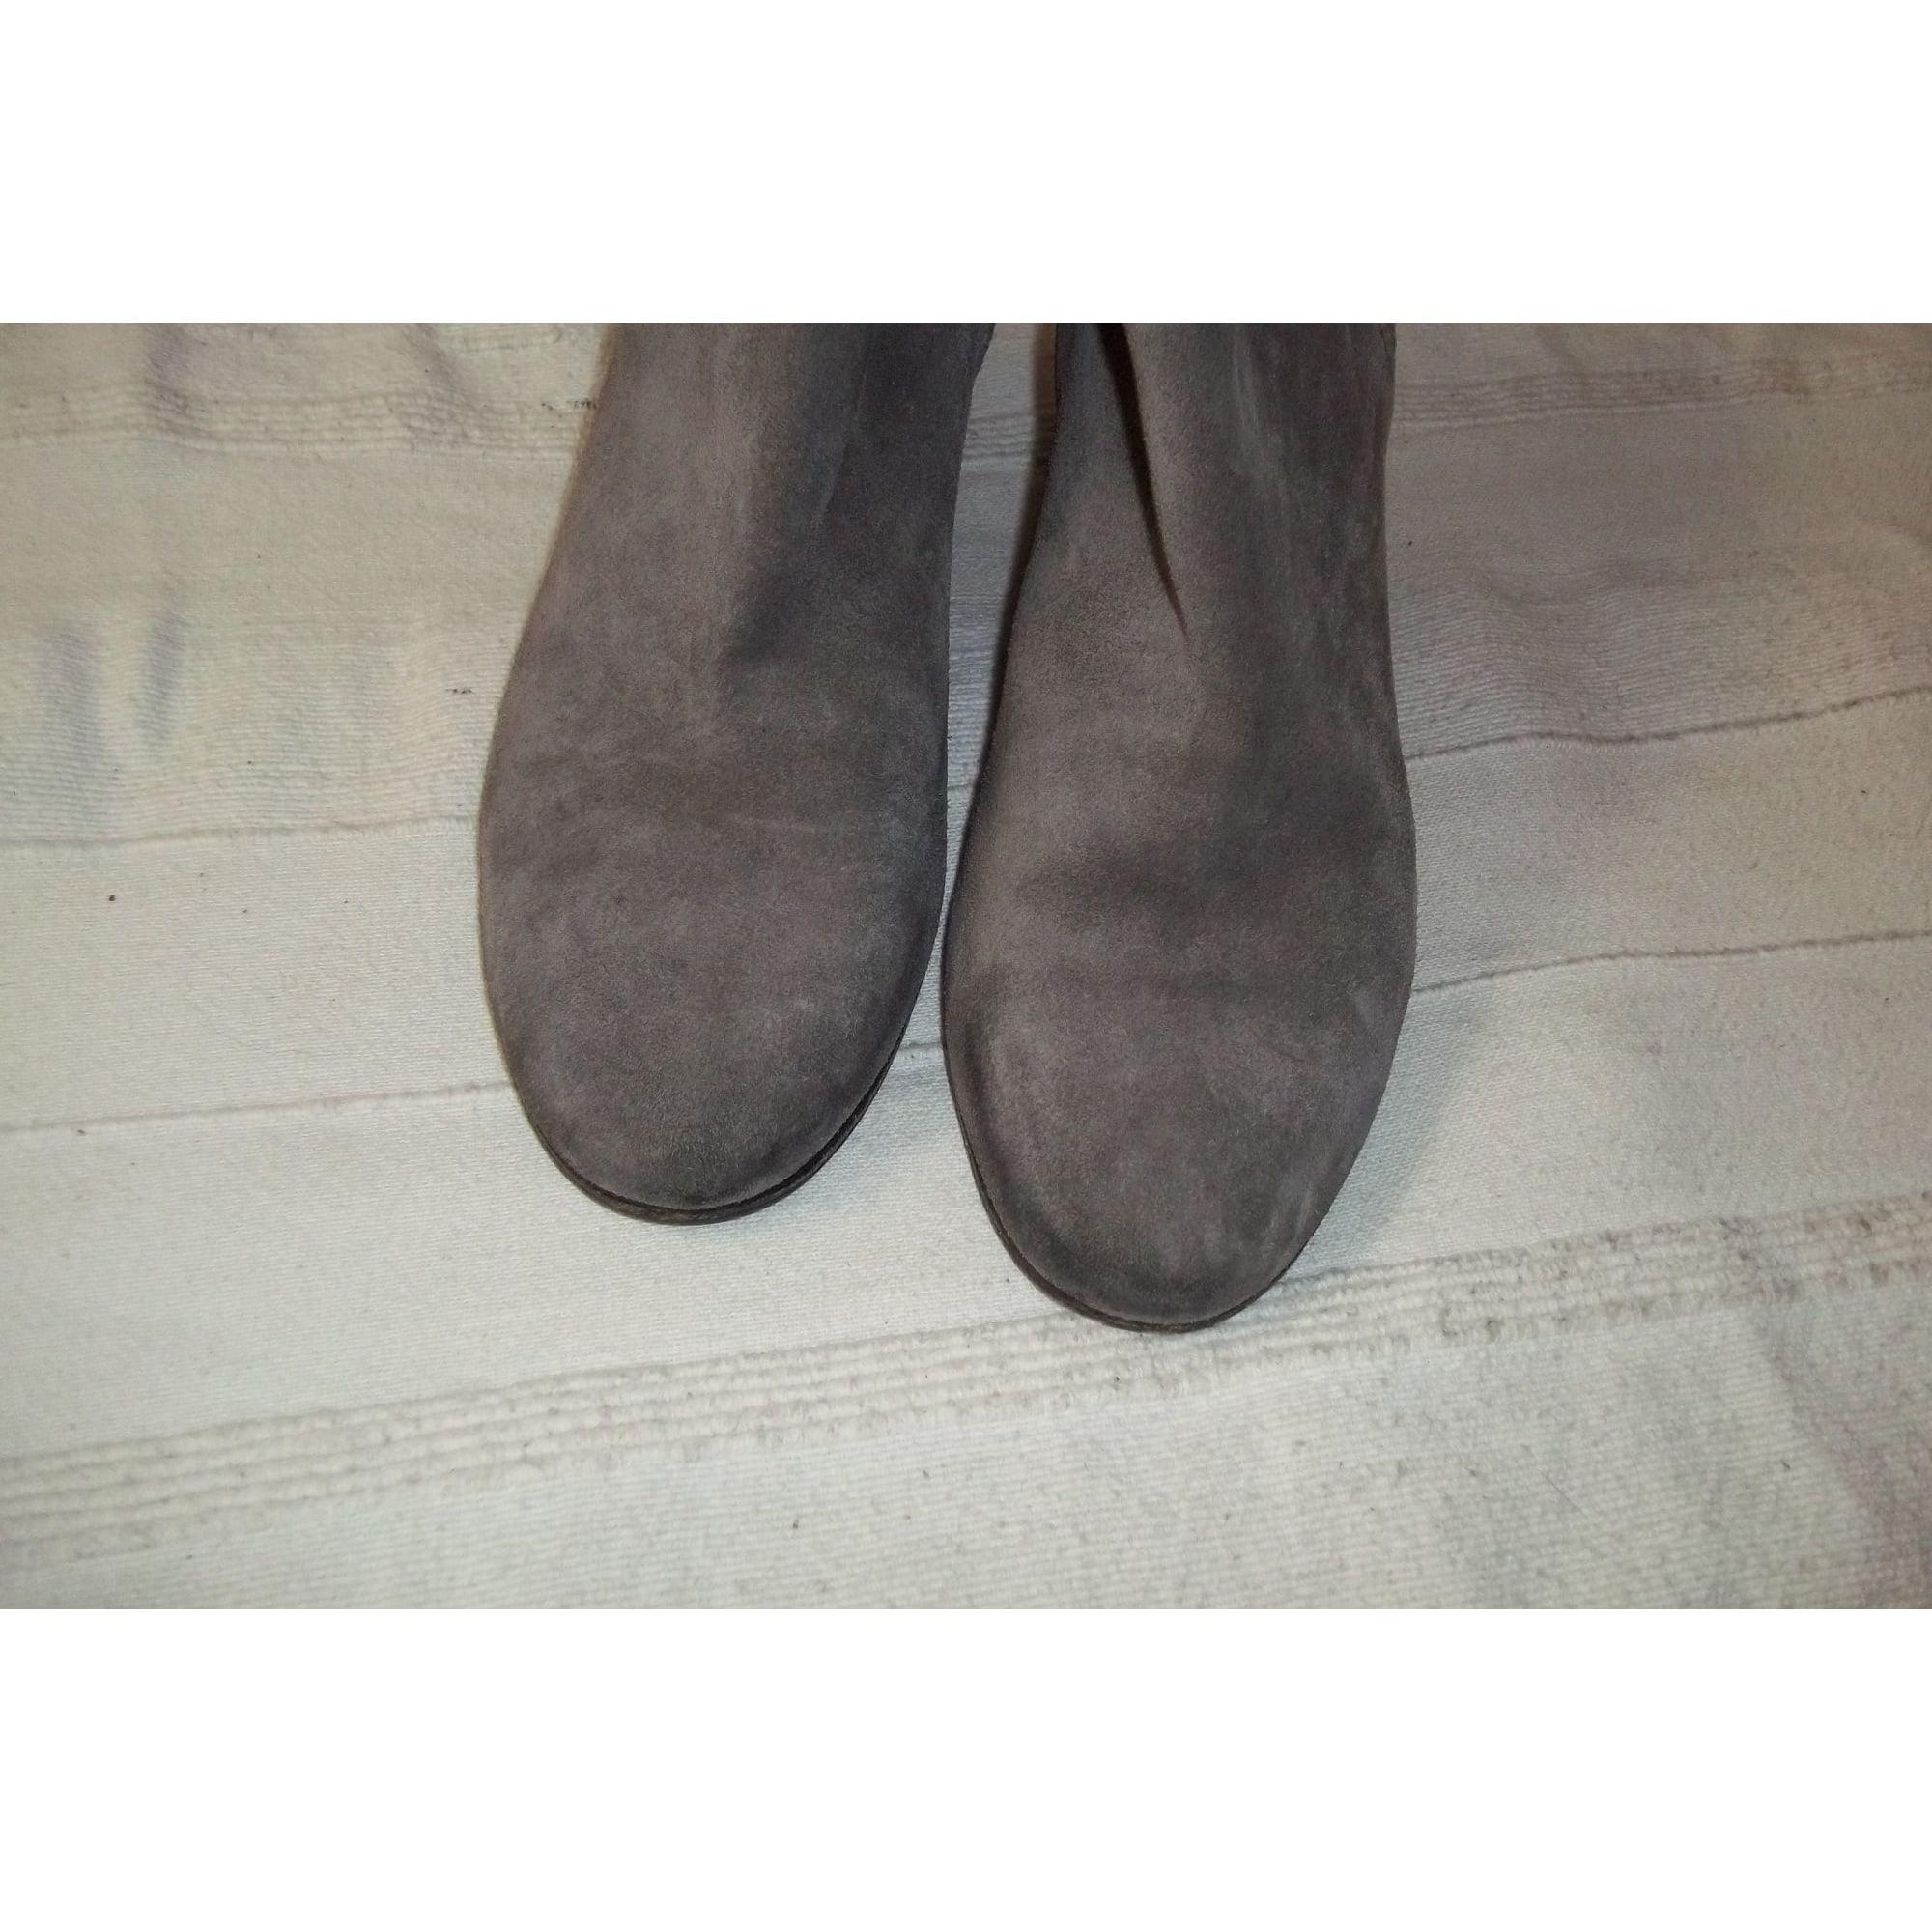 Bottines & low boots à talons daim gris Plumes d'oie Golden Goose Deluxe Brand en coloris Gris